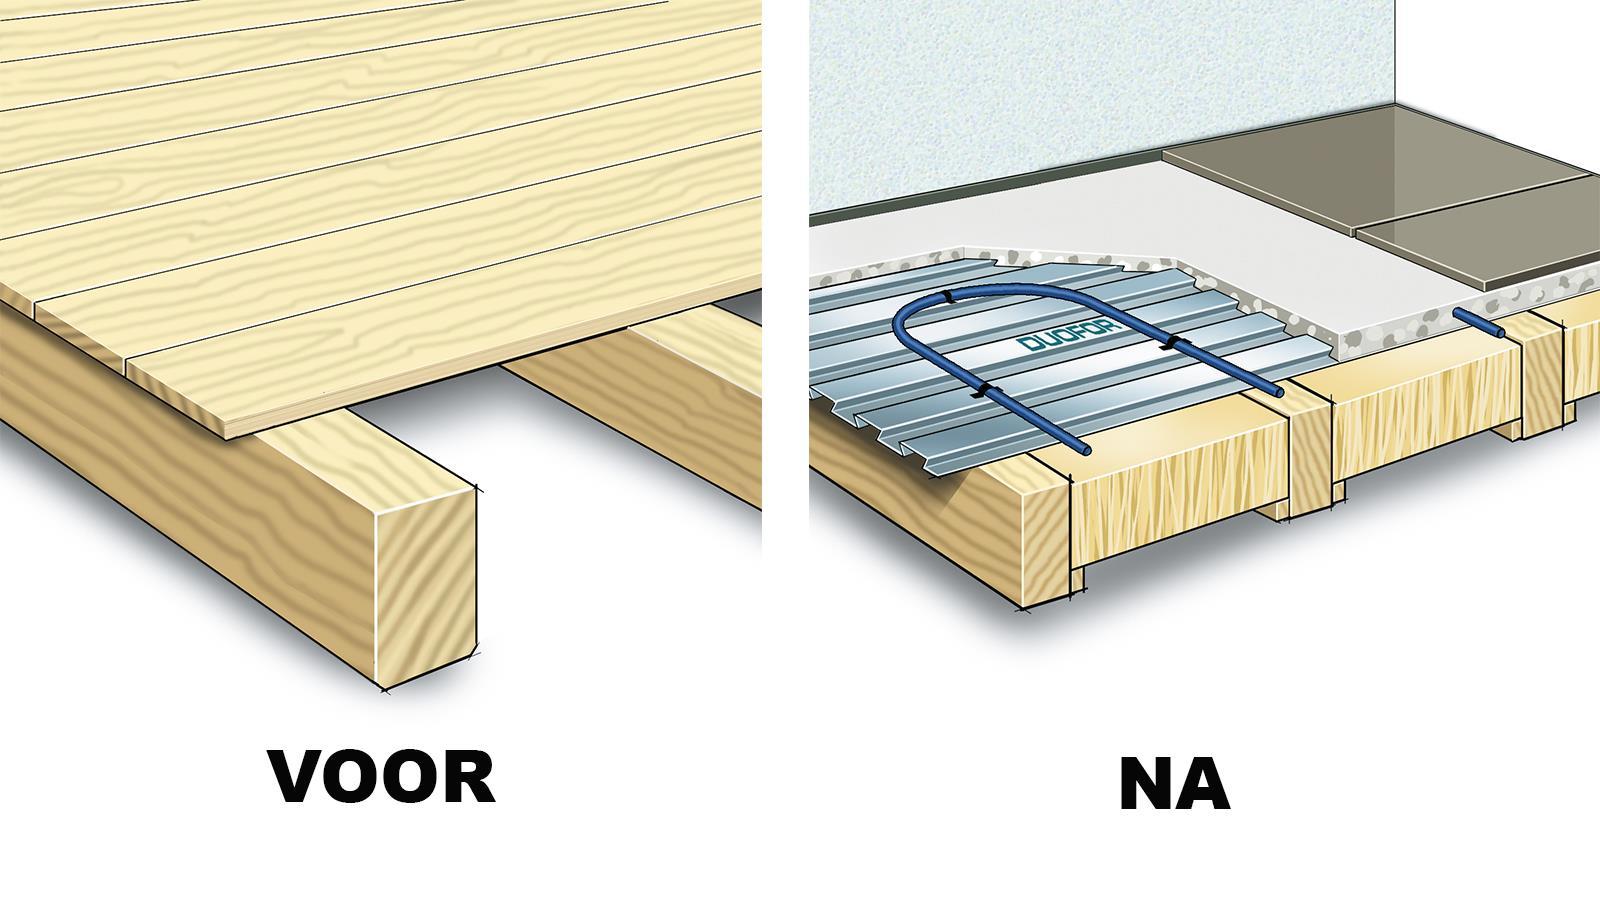 Zeer Vloerverwarming houten vloer - met Duofor Zwaluwstaartplaten UP84